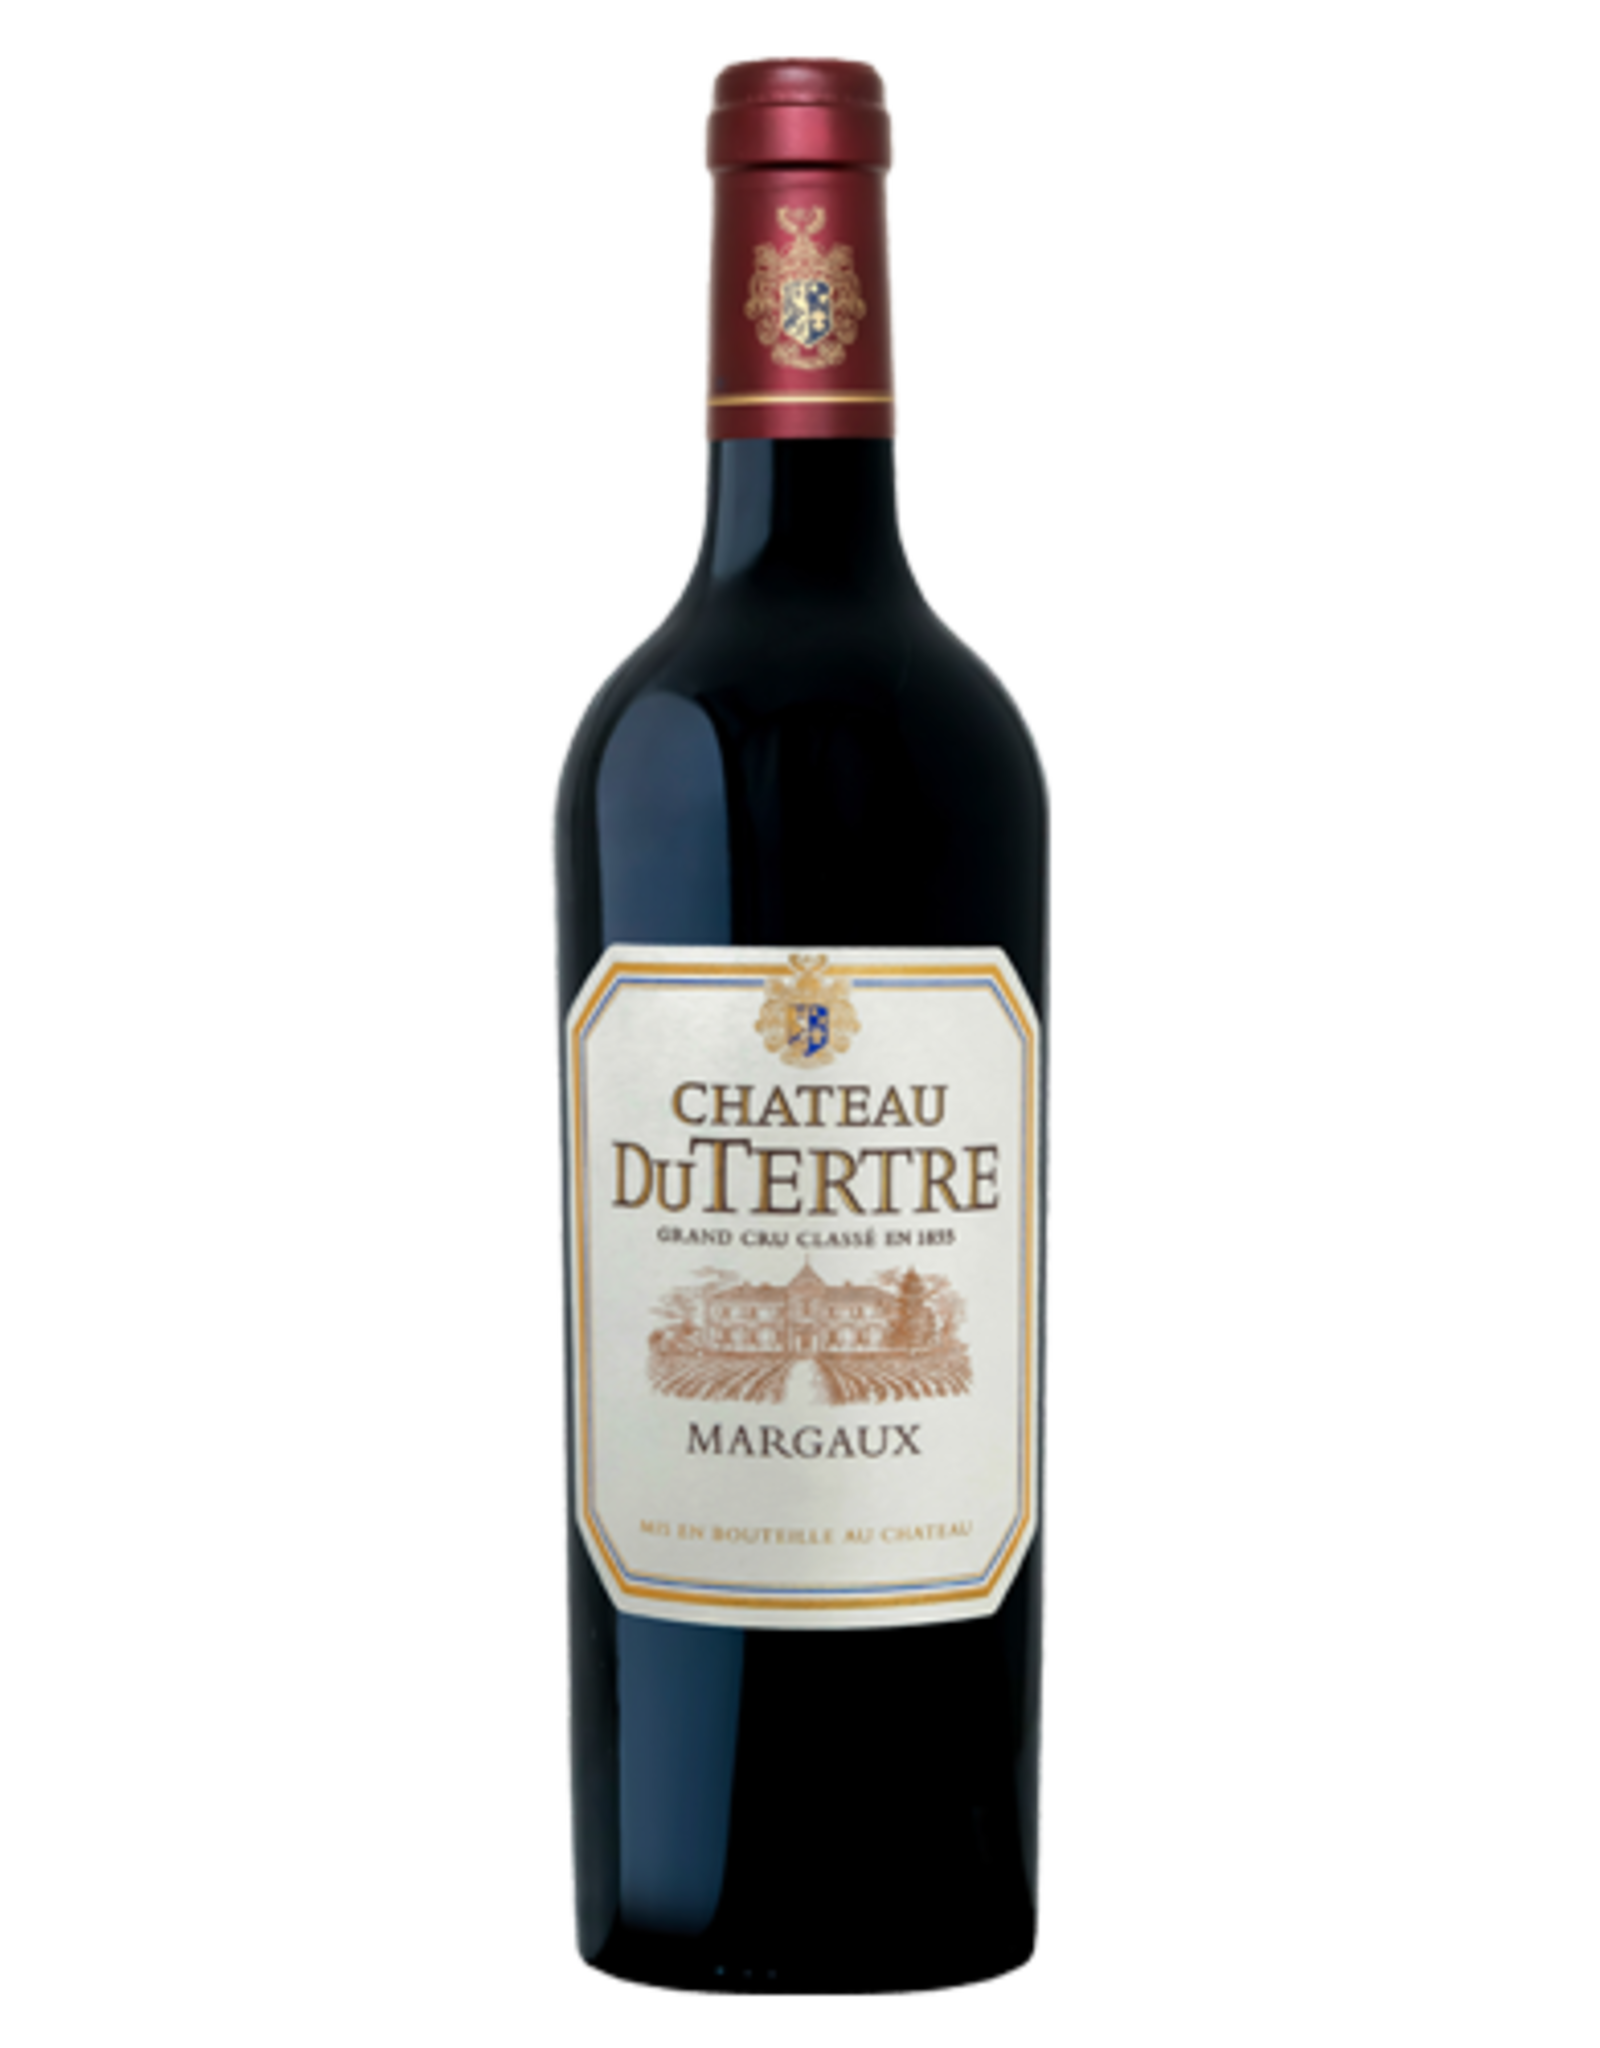 Château Du Tertre Château Du Tertre 2014 -1,5l - Margaux